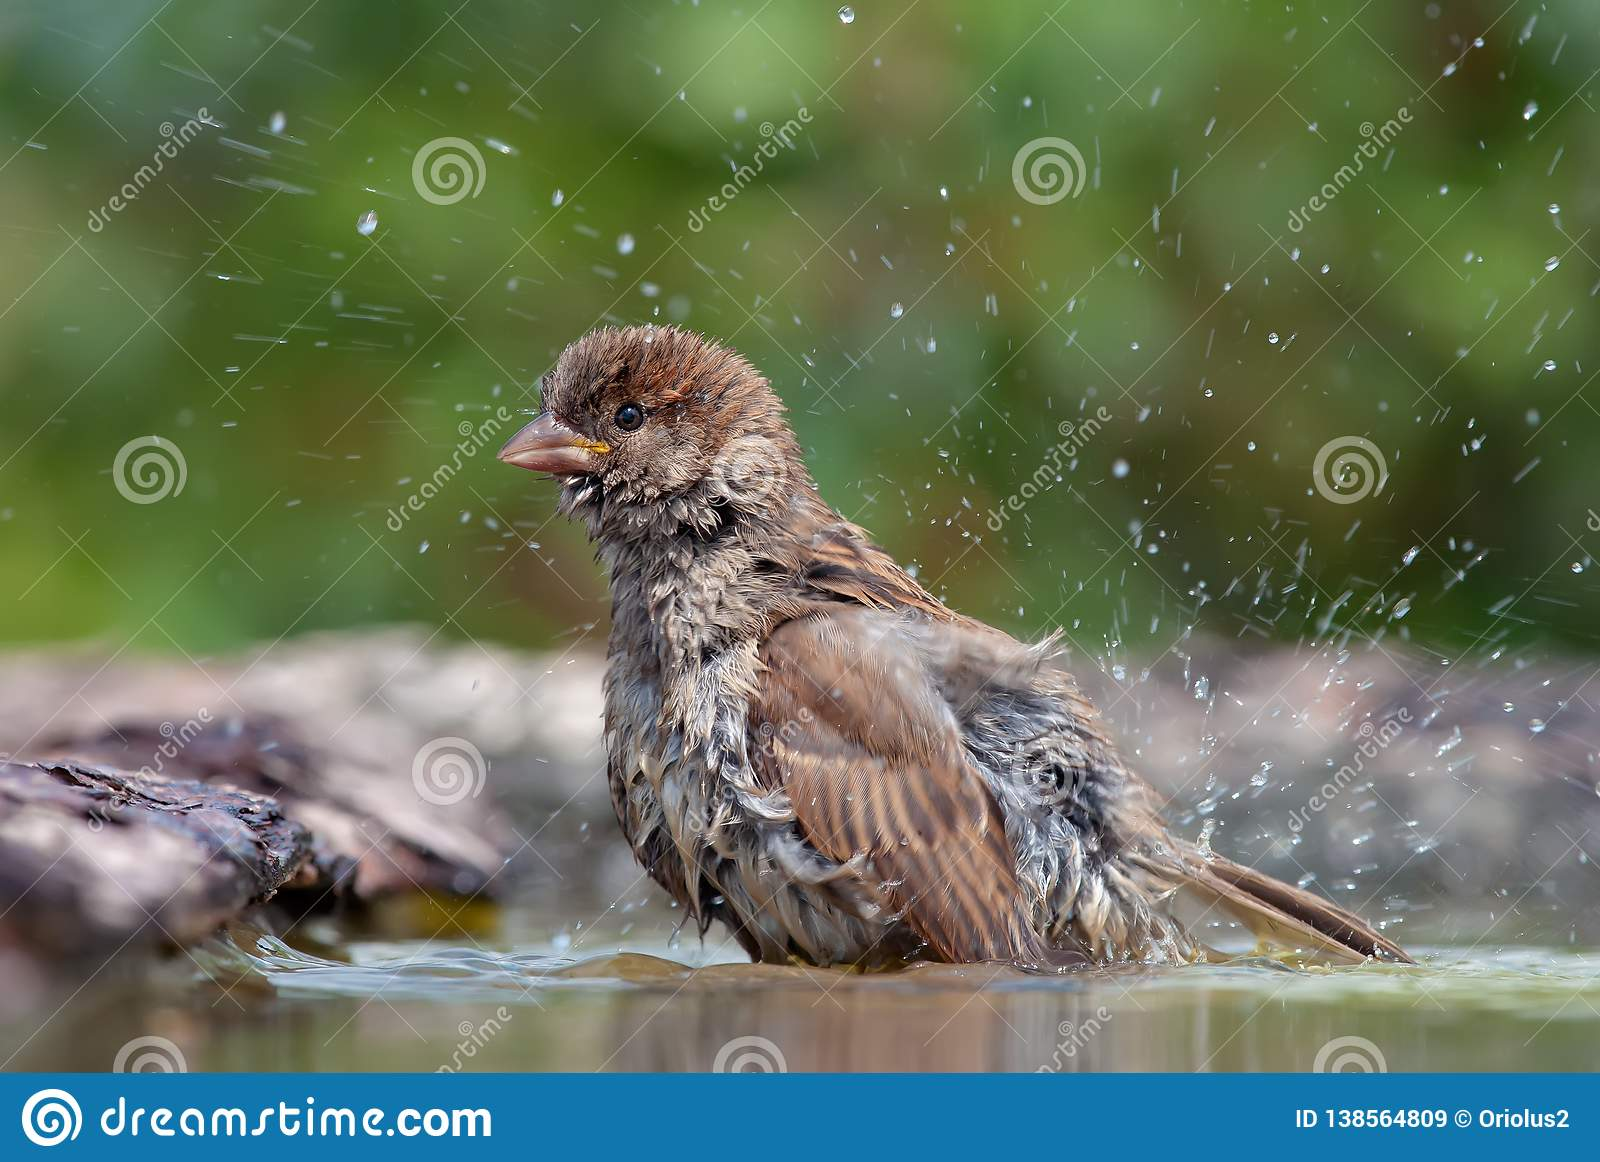 Gråsparven tvättar sig med droppar av vatten omkring